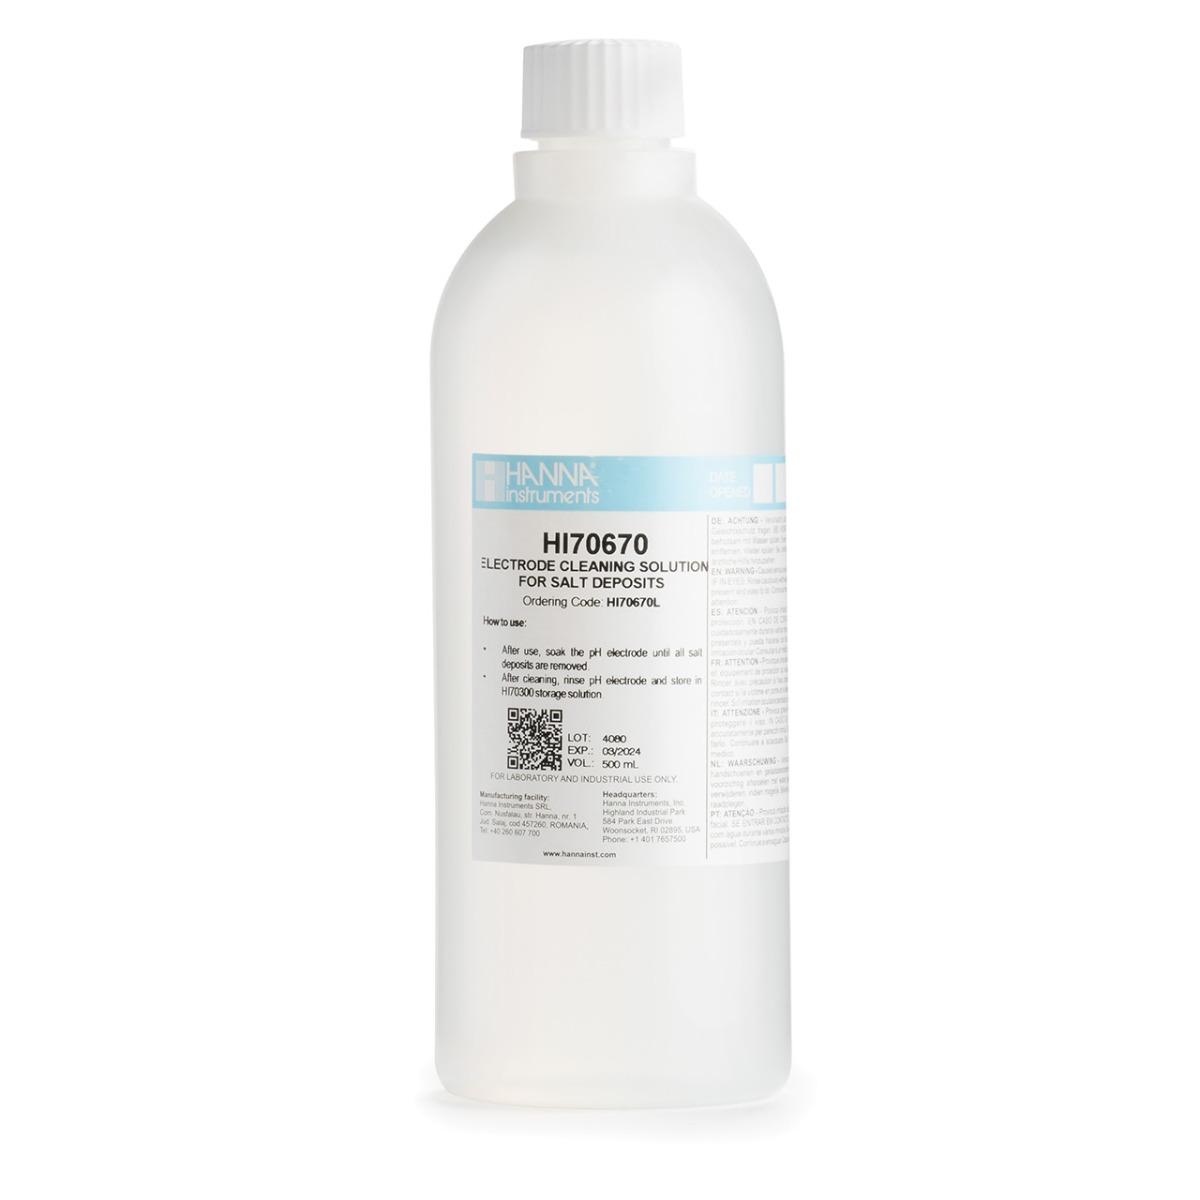 HI70670L Cleaning Solution for Salt Deposits (500 mL)